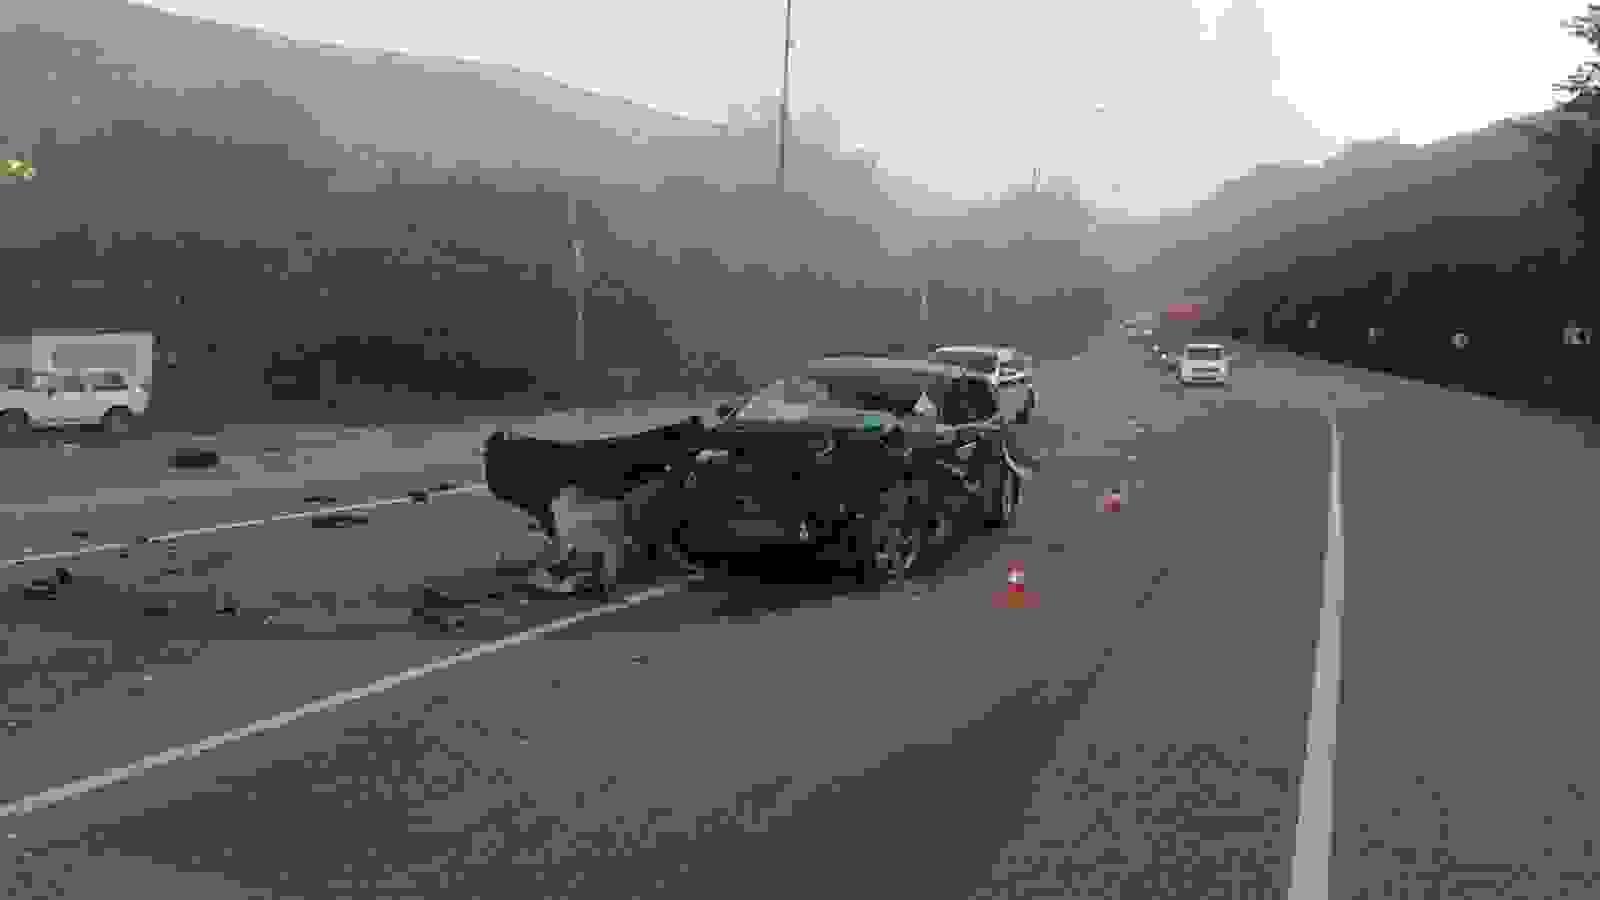 В Новороссийске — снова несколько серьезных аварий на дорогах (видео)